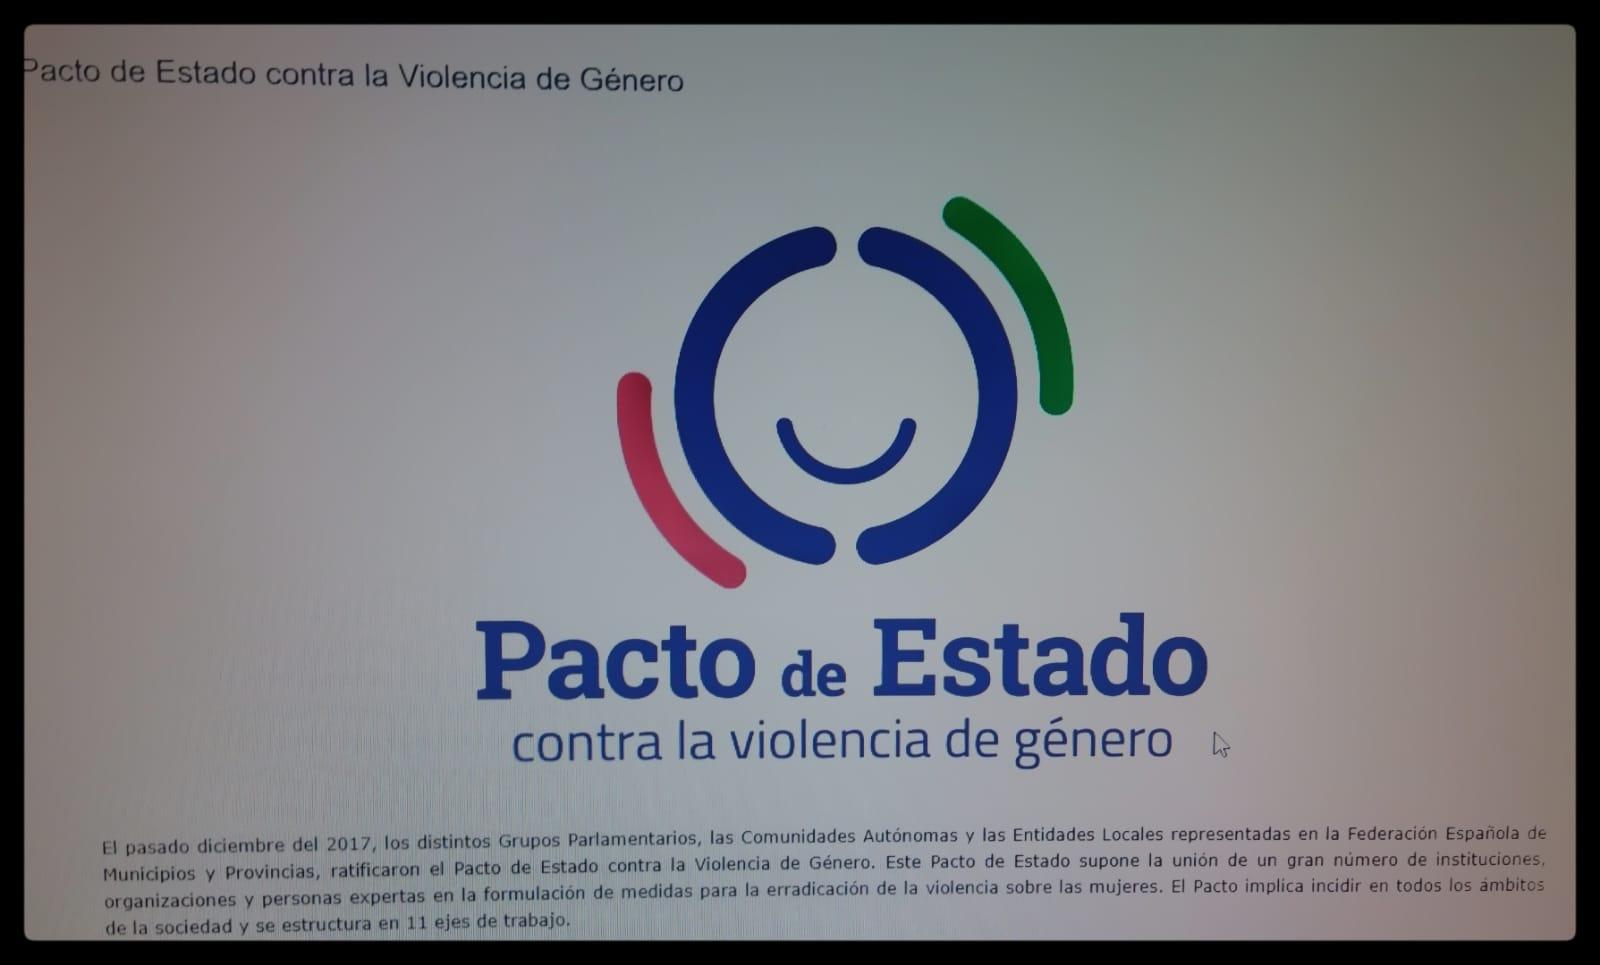 Fondos para Canarias del Pacto de Estado contra la Violencia de Género